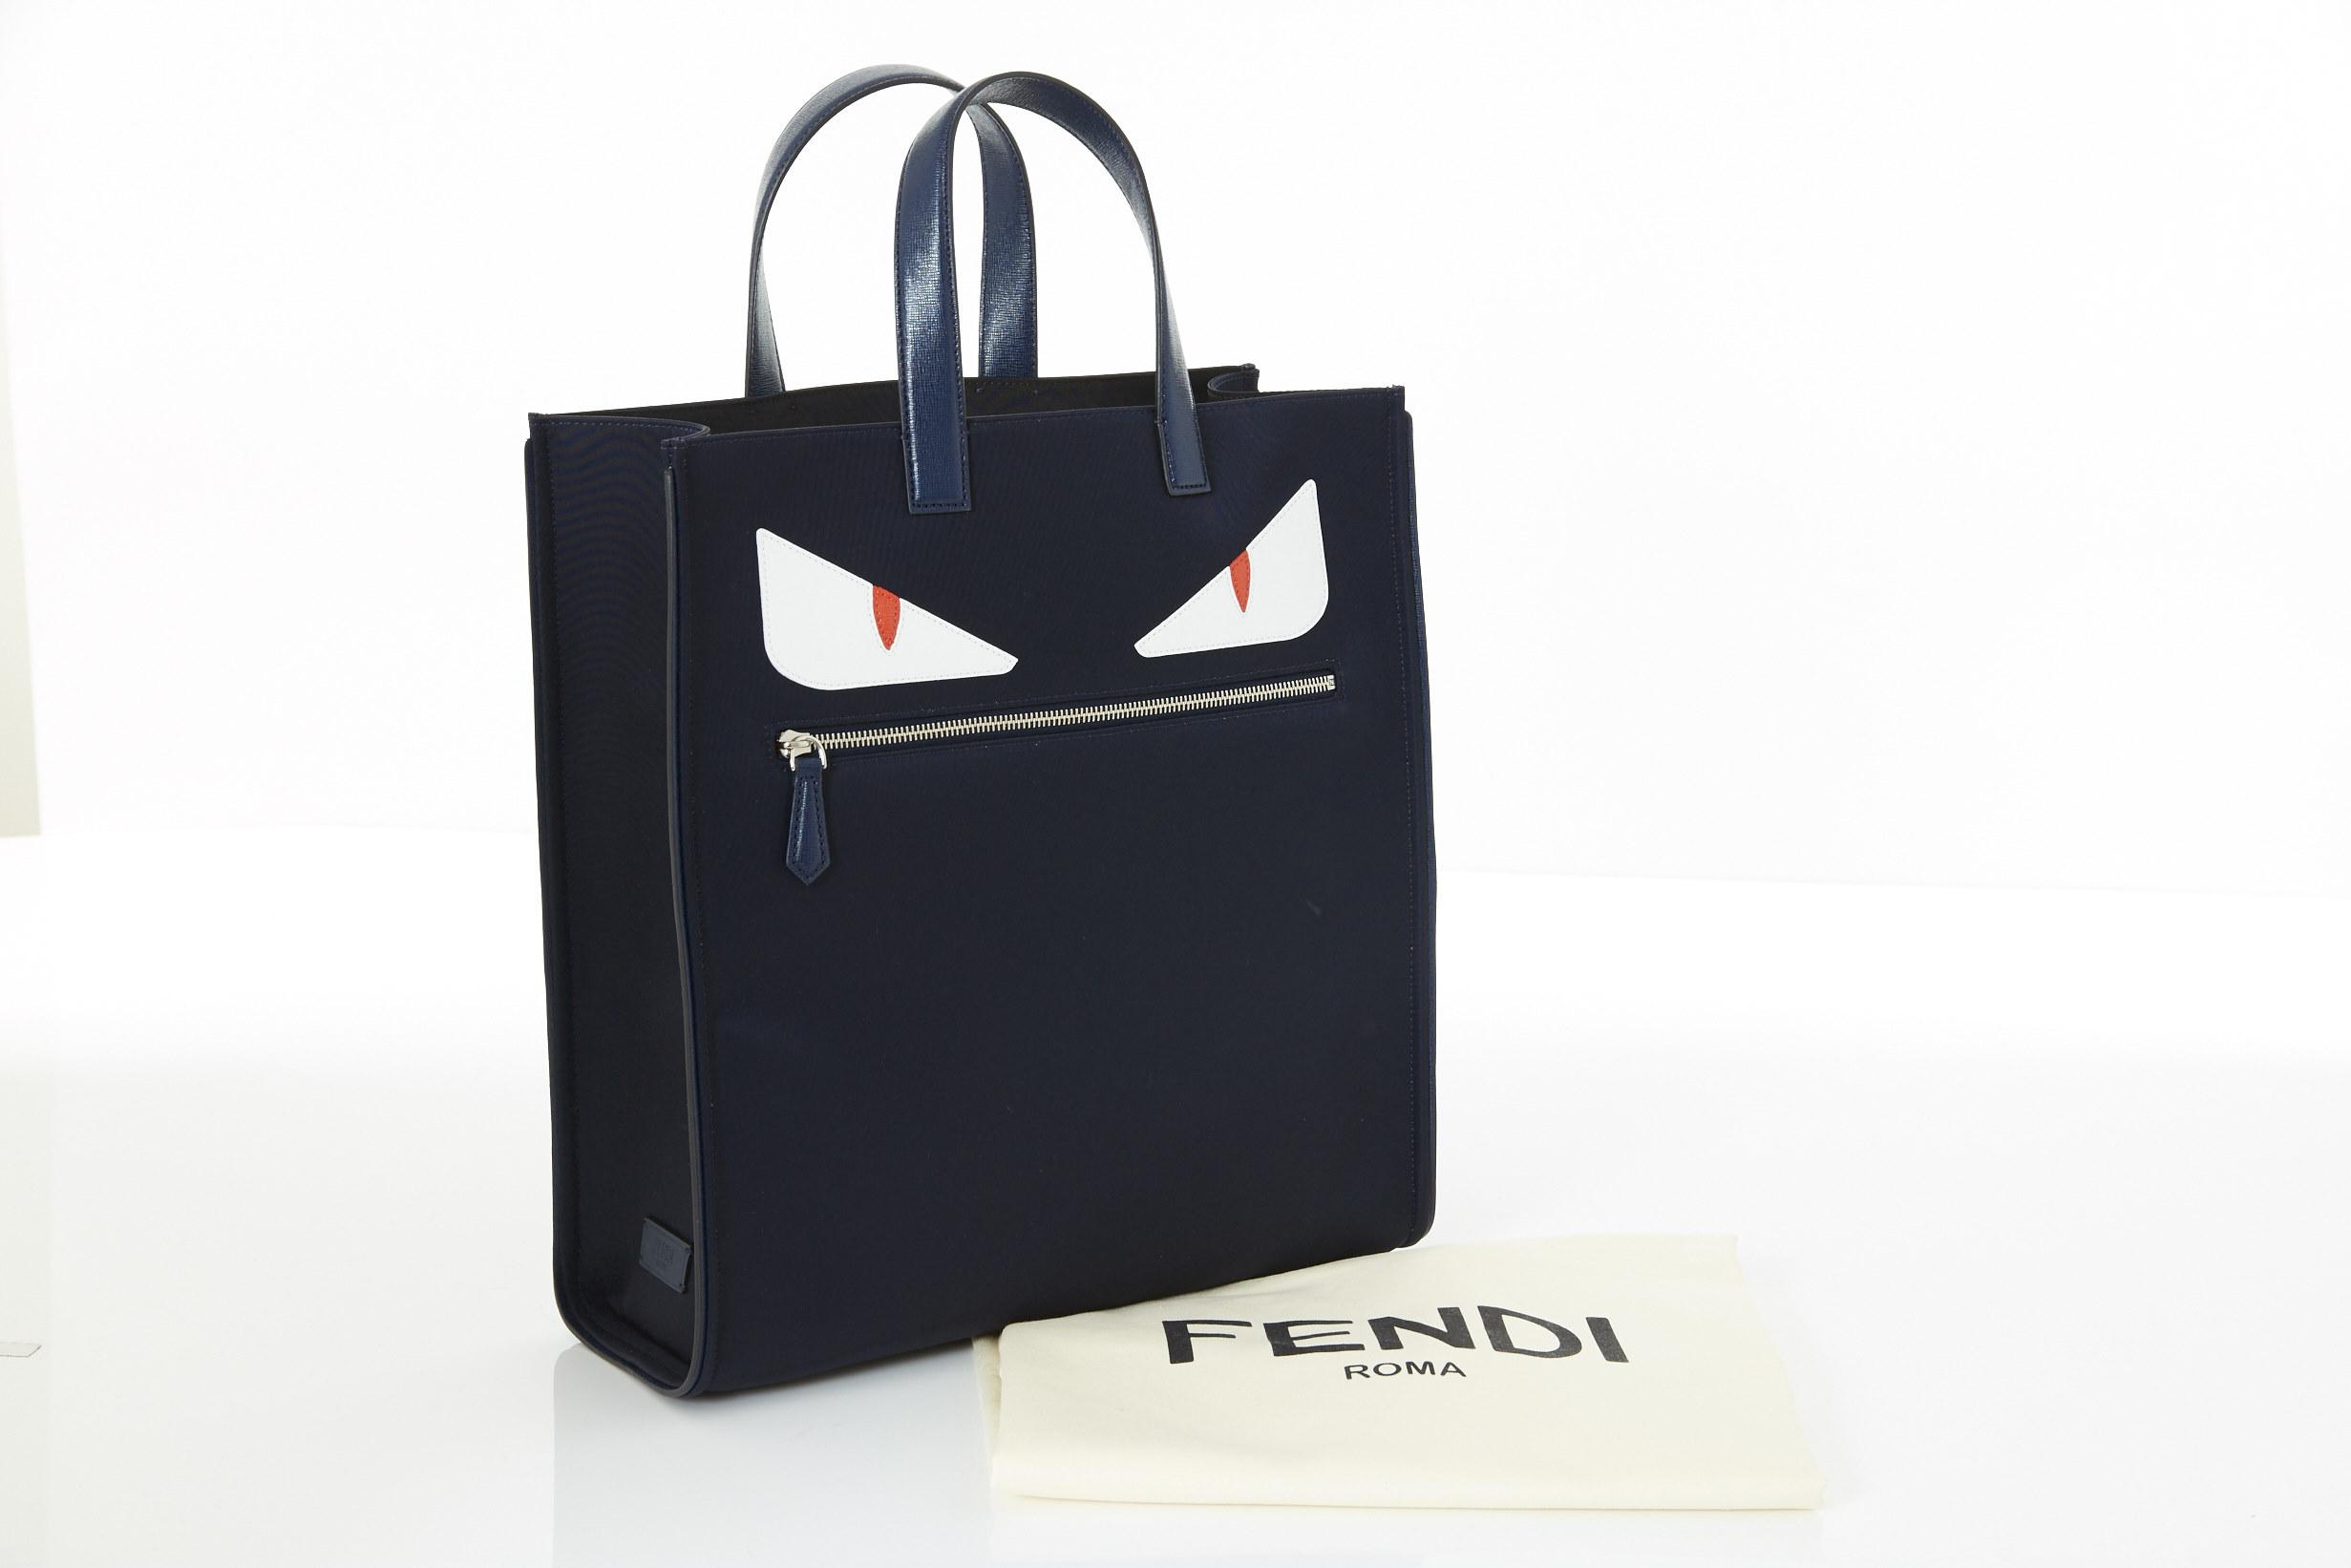 包 包包 包装 包装设计 购物纸袋 挎包手袋 女包 手提包 纸袋 2462